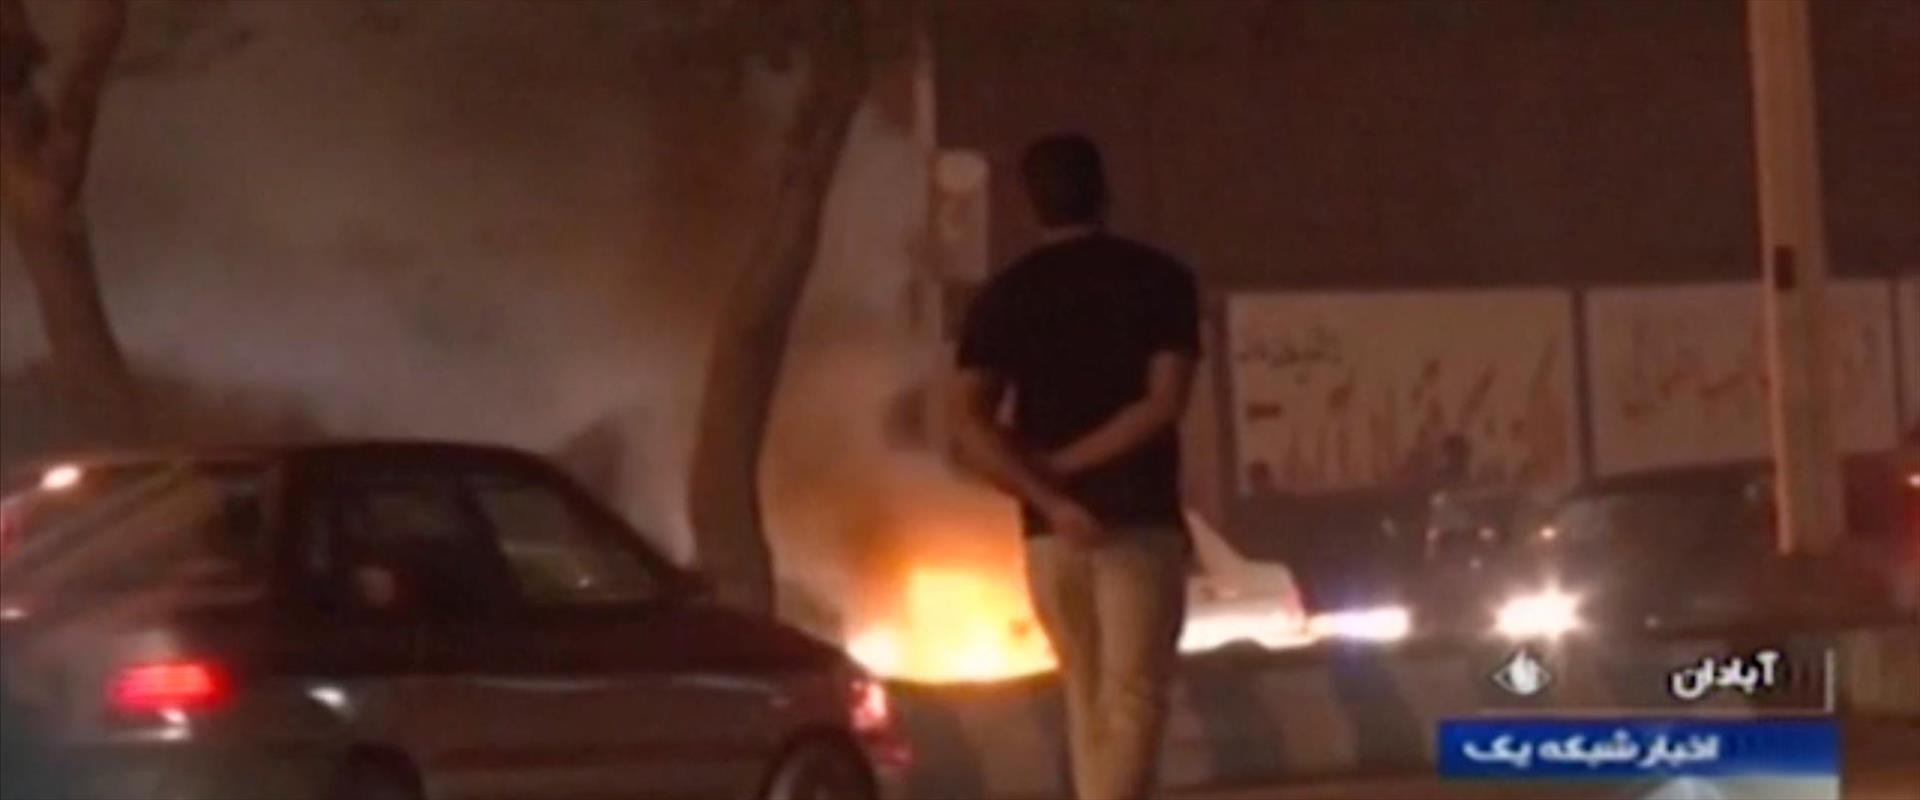 מחאות הדלק באיראן, נובמבר 2019